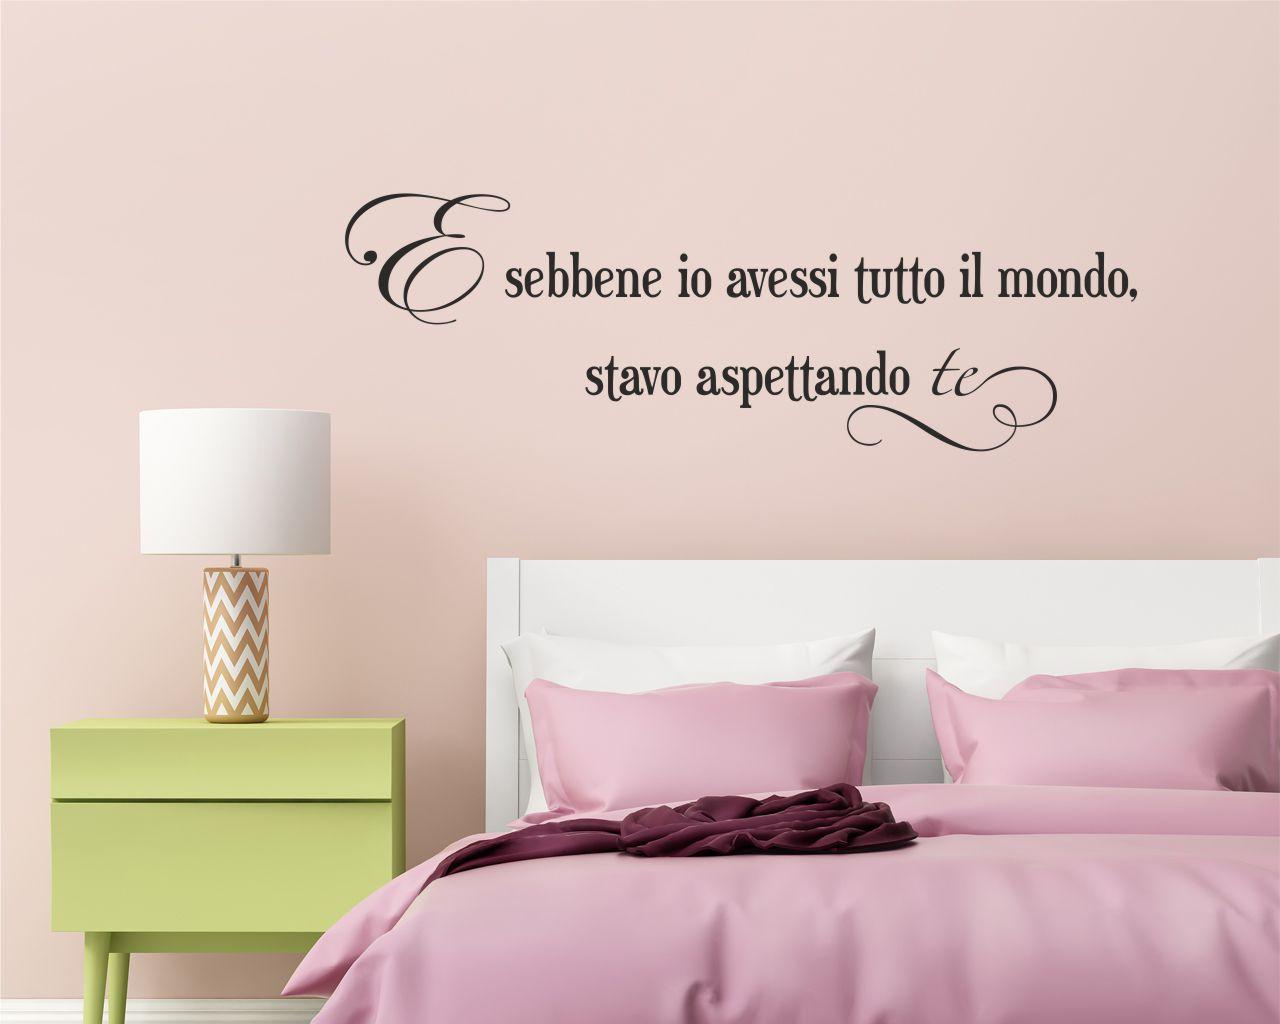 Platone vorrei essere il cielo frasi aforismi - Frasi porche a letto ...